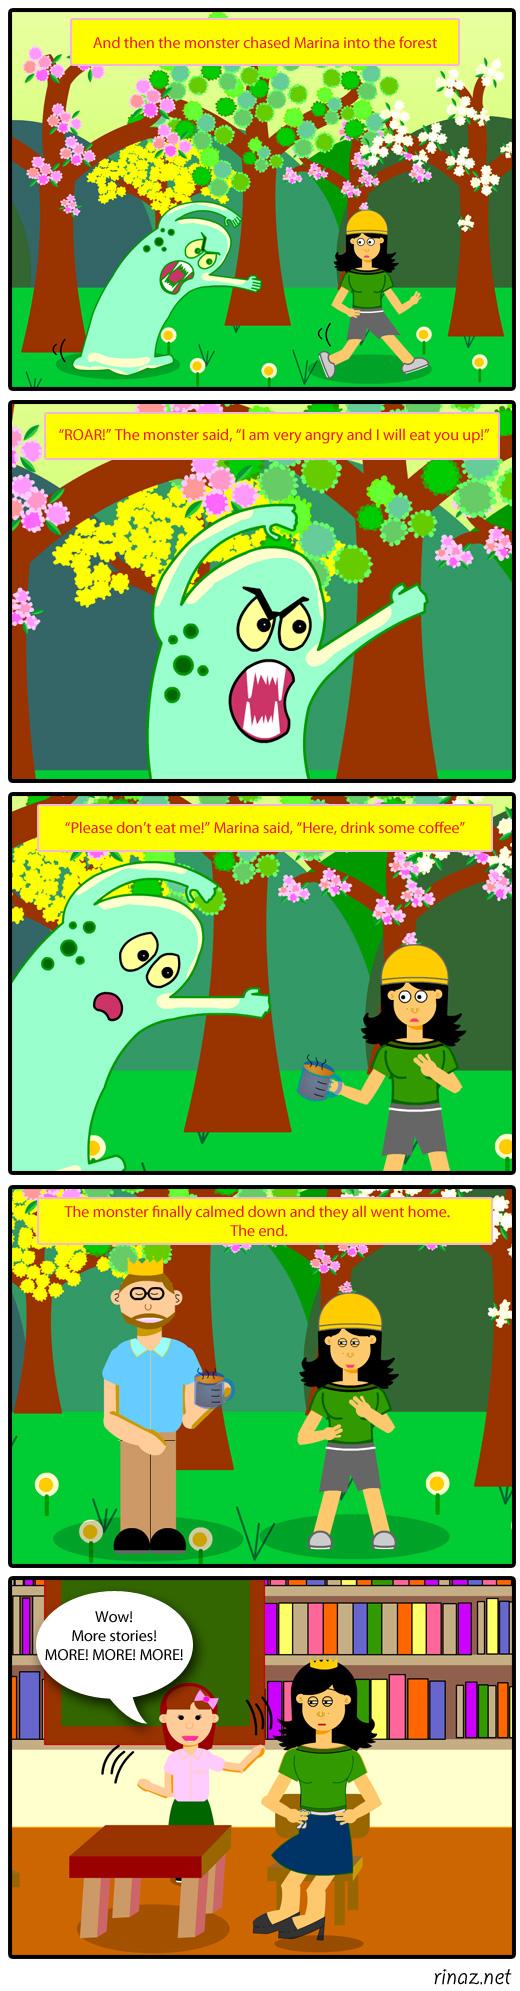 rinaz.net Toons Monster